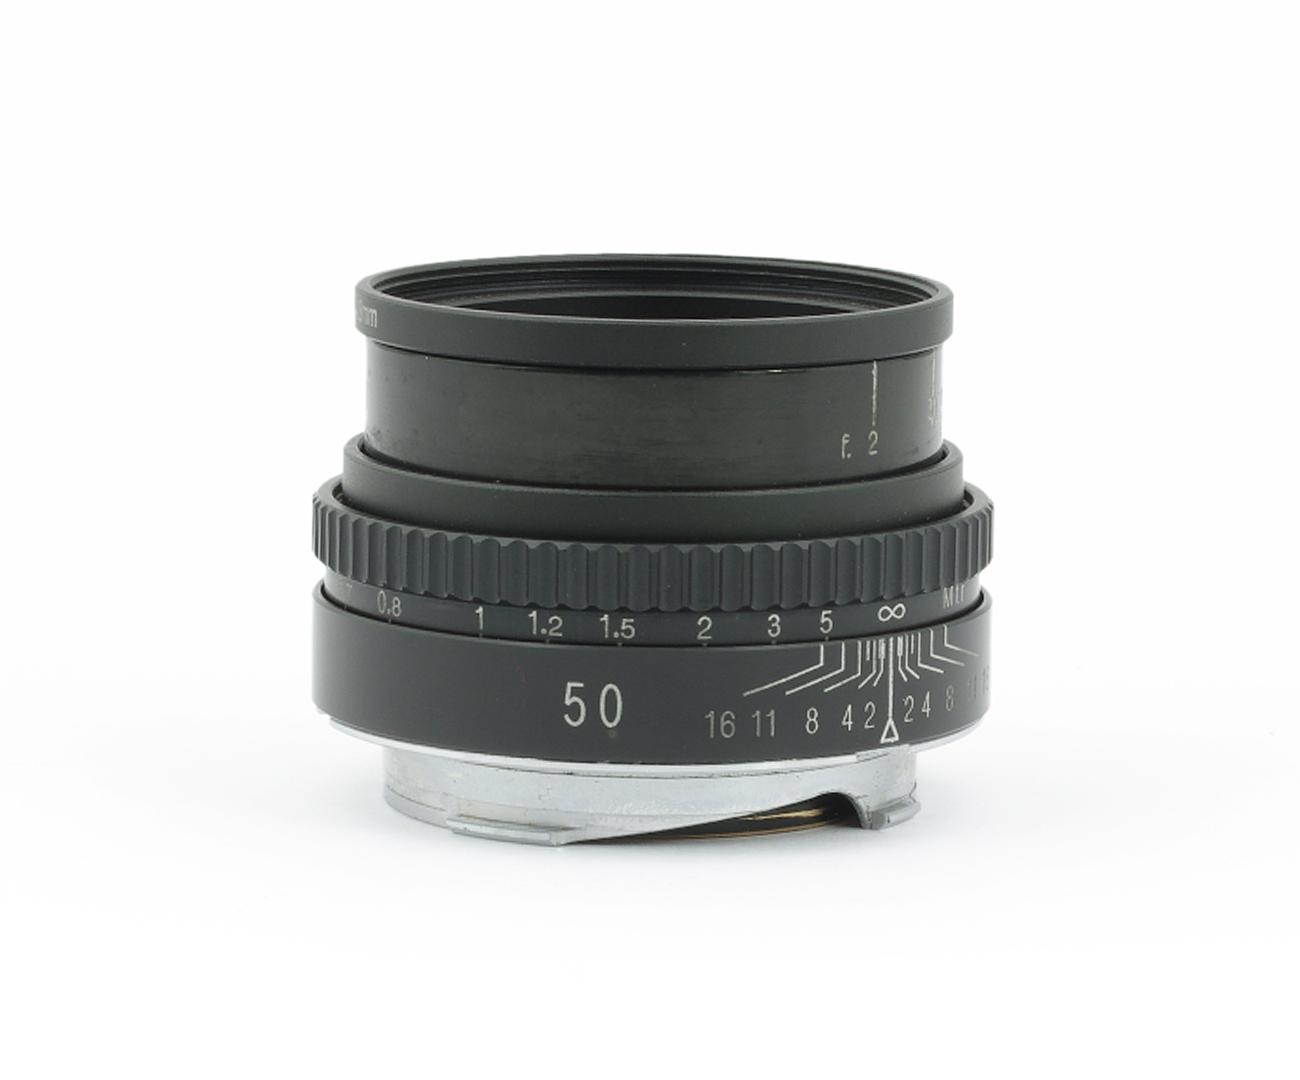 Ernemann-Anastigmat-Ernostar-2-50-mm-170363-Leica-M-Lens Indexbild 2